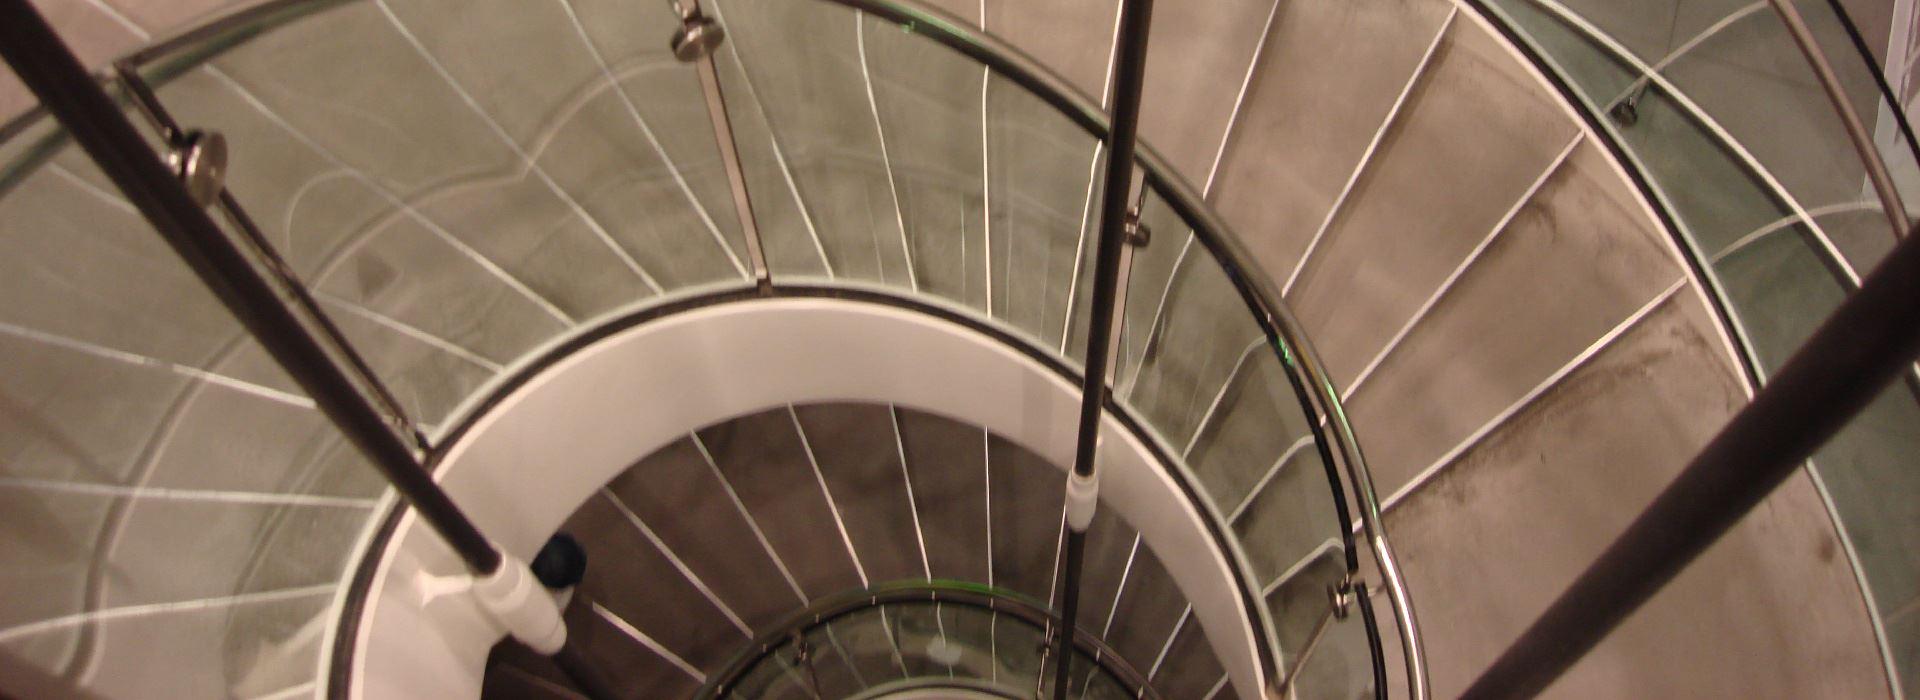 Munich bogenhausen mall